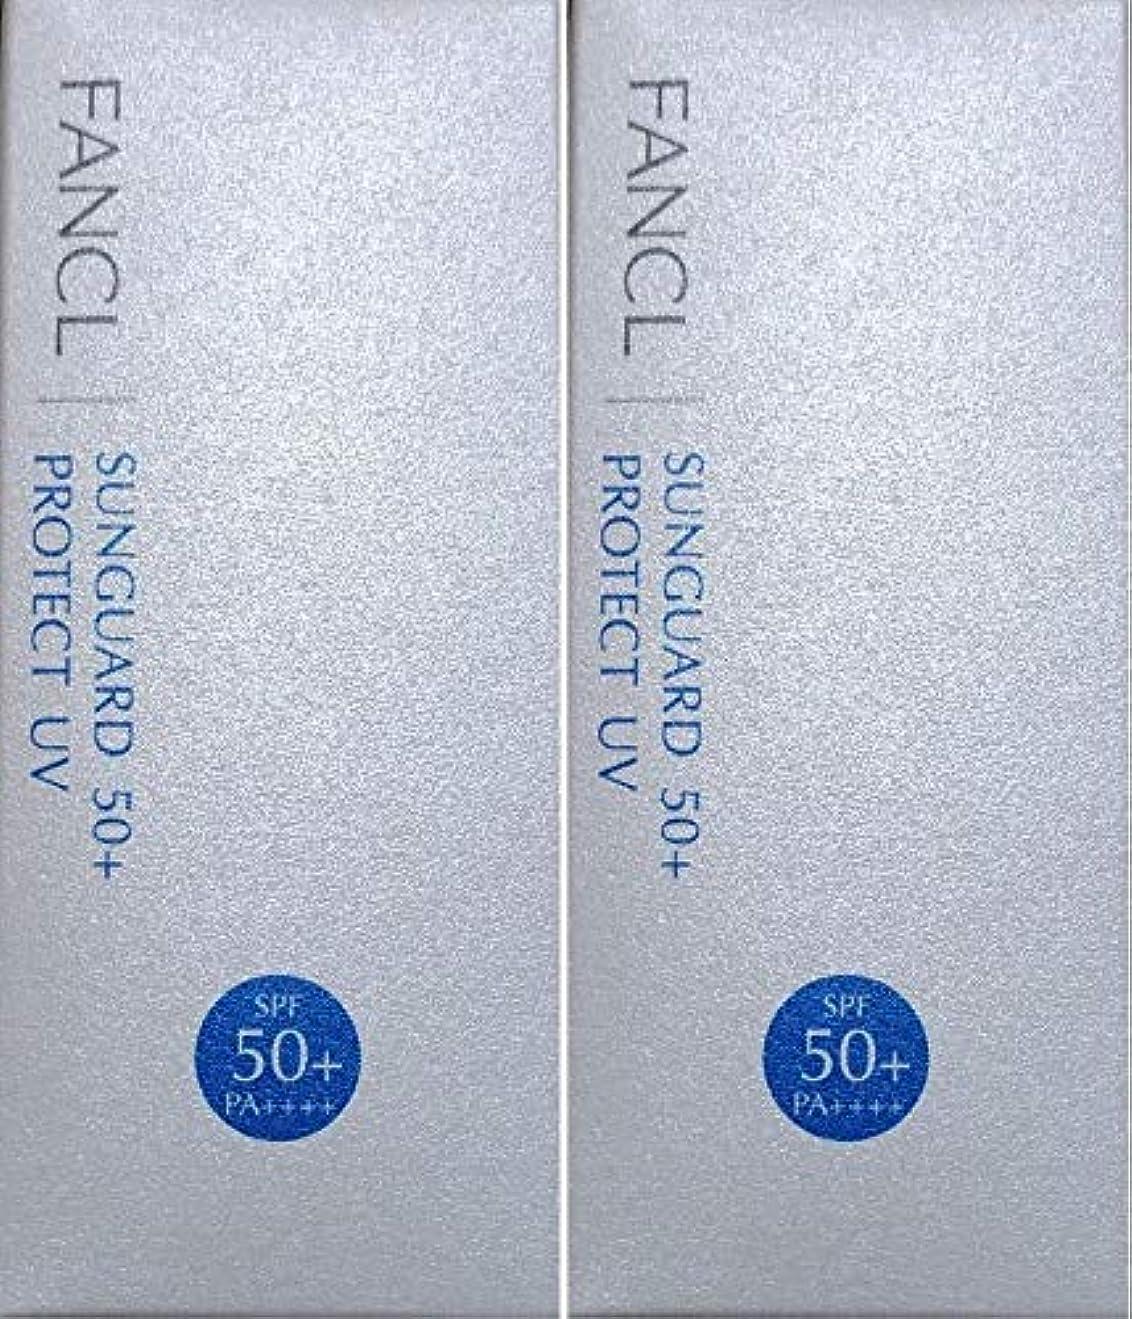 弓シャーロットブロンテマイクロプロセッサファンケル(FANCL) サンガード50+ プロテクトUV (SPF50+?PA++++)60mL ×2箱セット